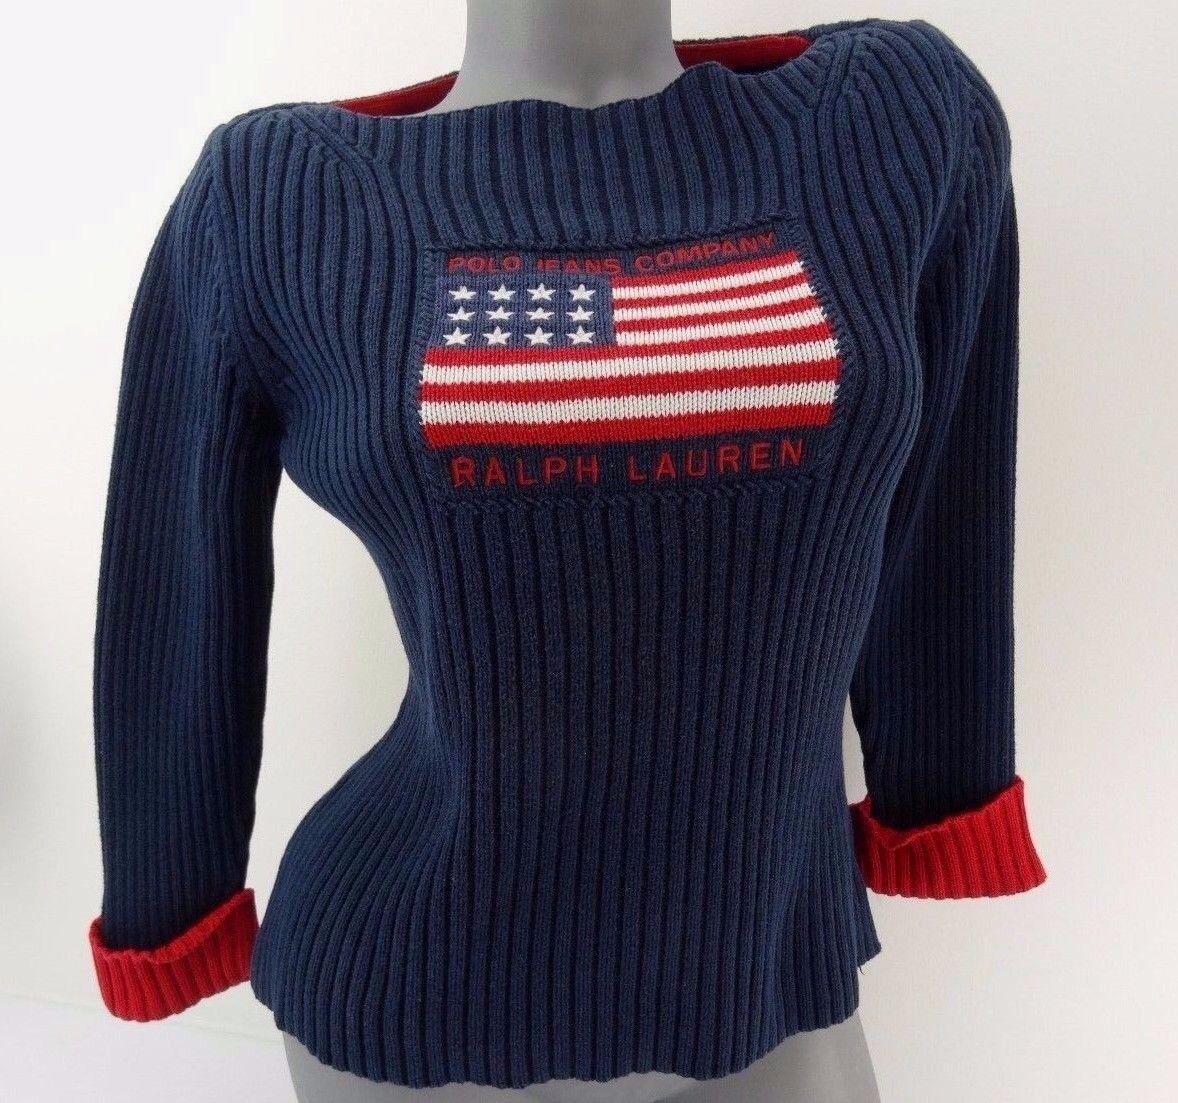 Ralph Lauren Sweater American flag Womens size M Navy bluee